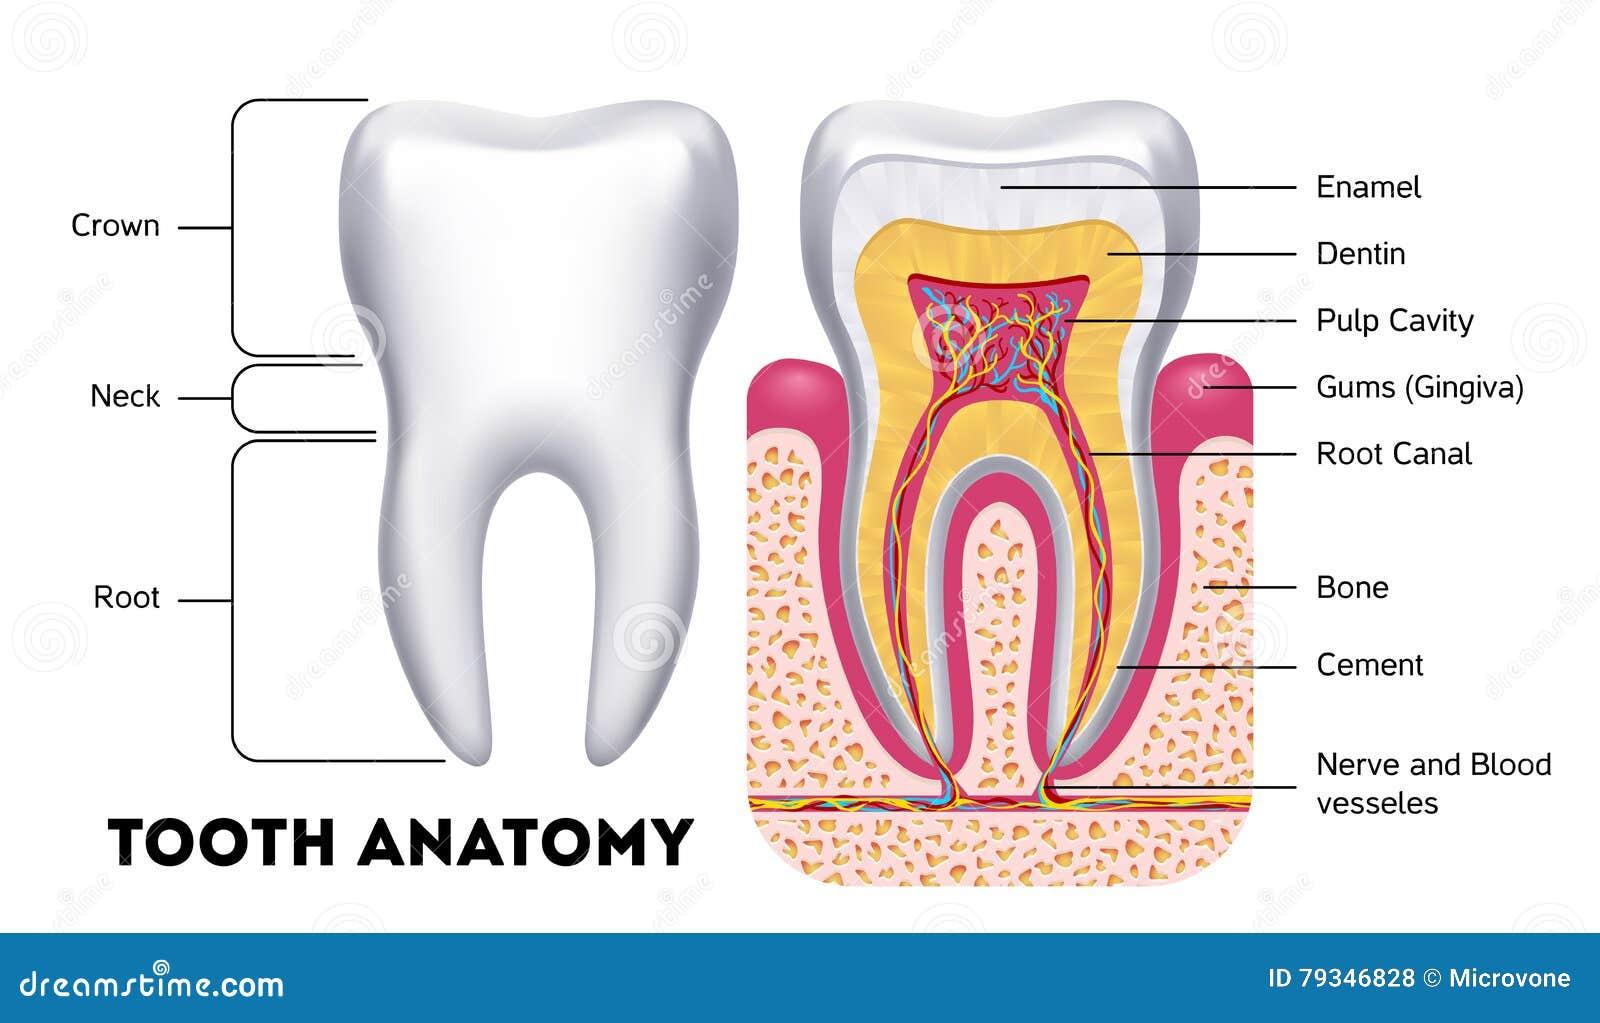 Excelente Notas De La Anatomía Dental Imágenes - Anatomía de Las ...